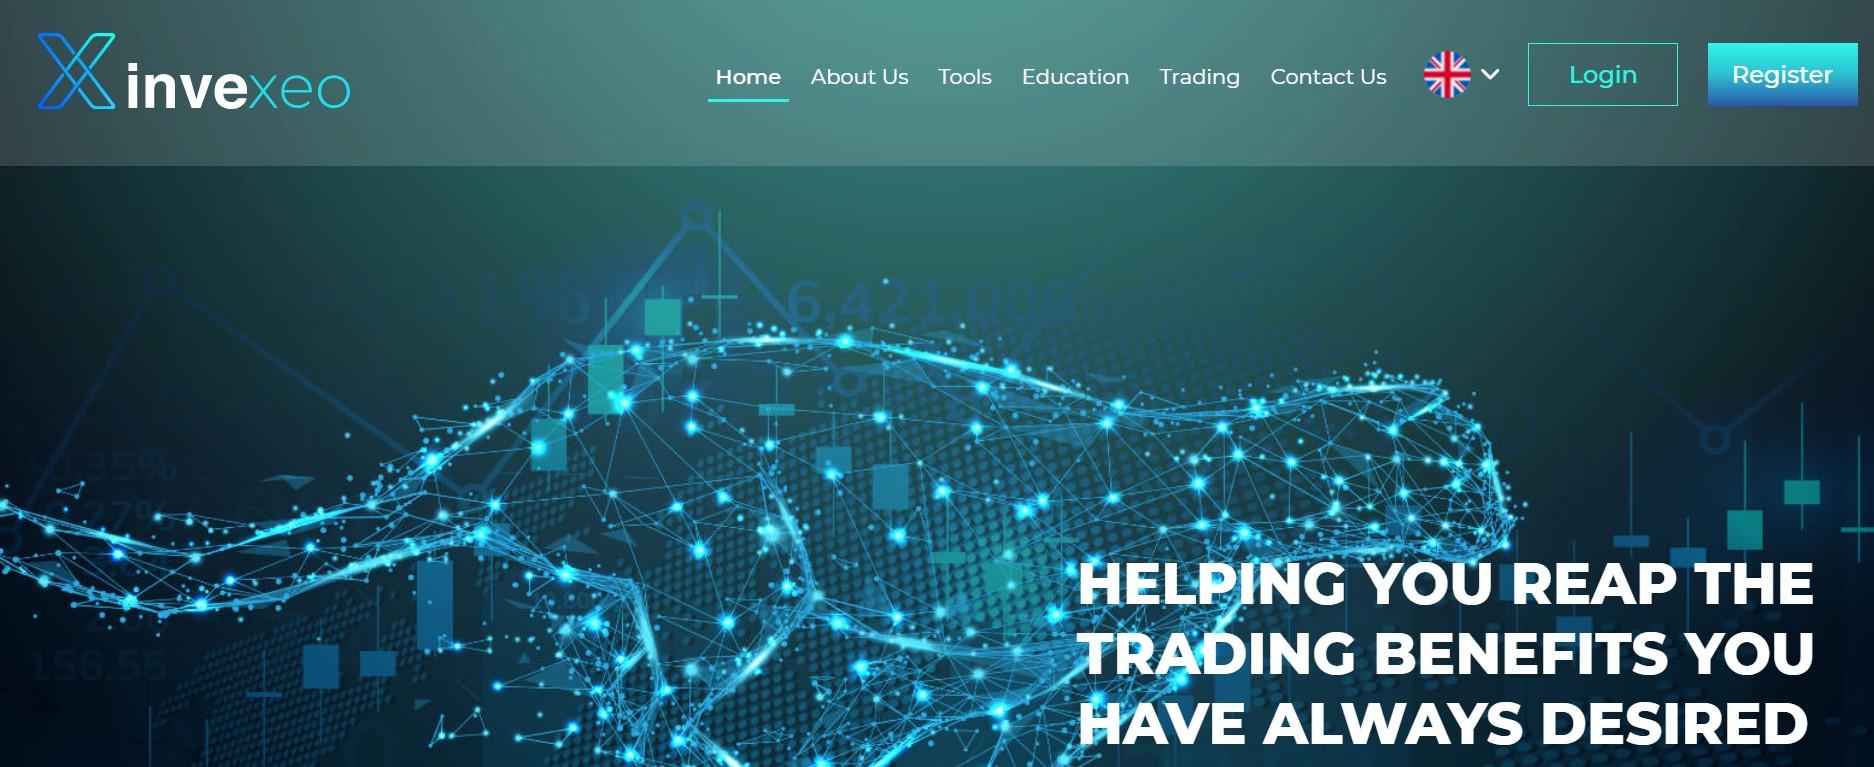 Invexeo website